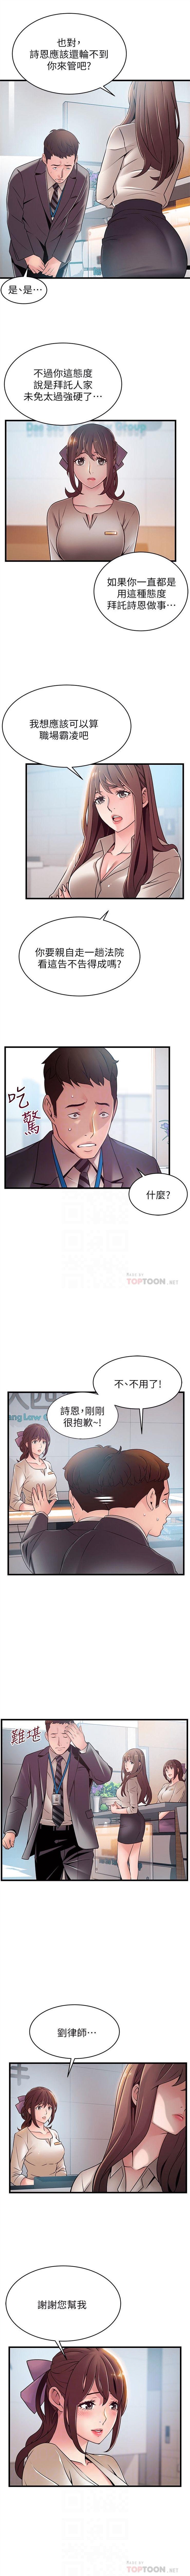 弱点 1-64 中文翻译(更新中) 329